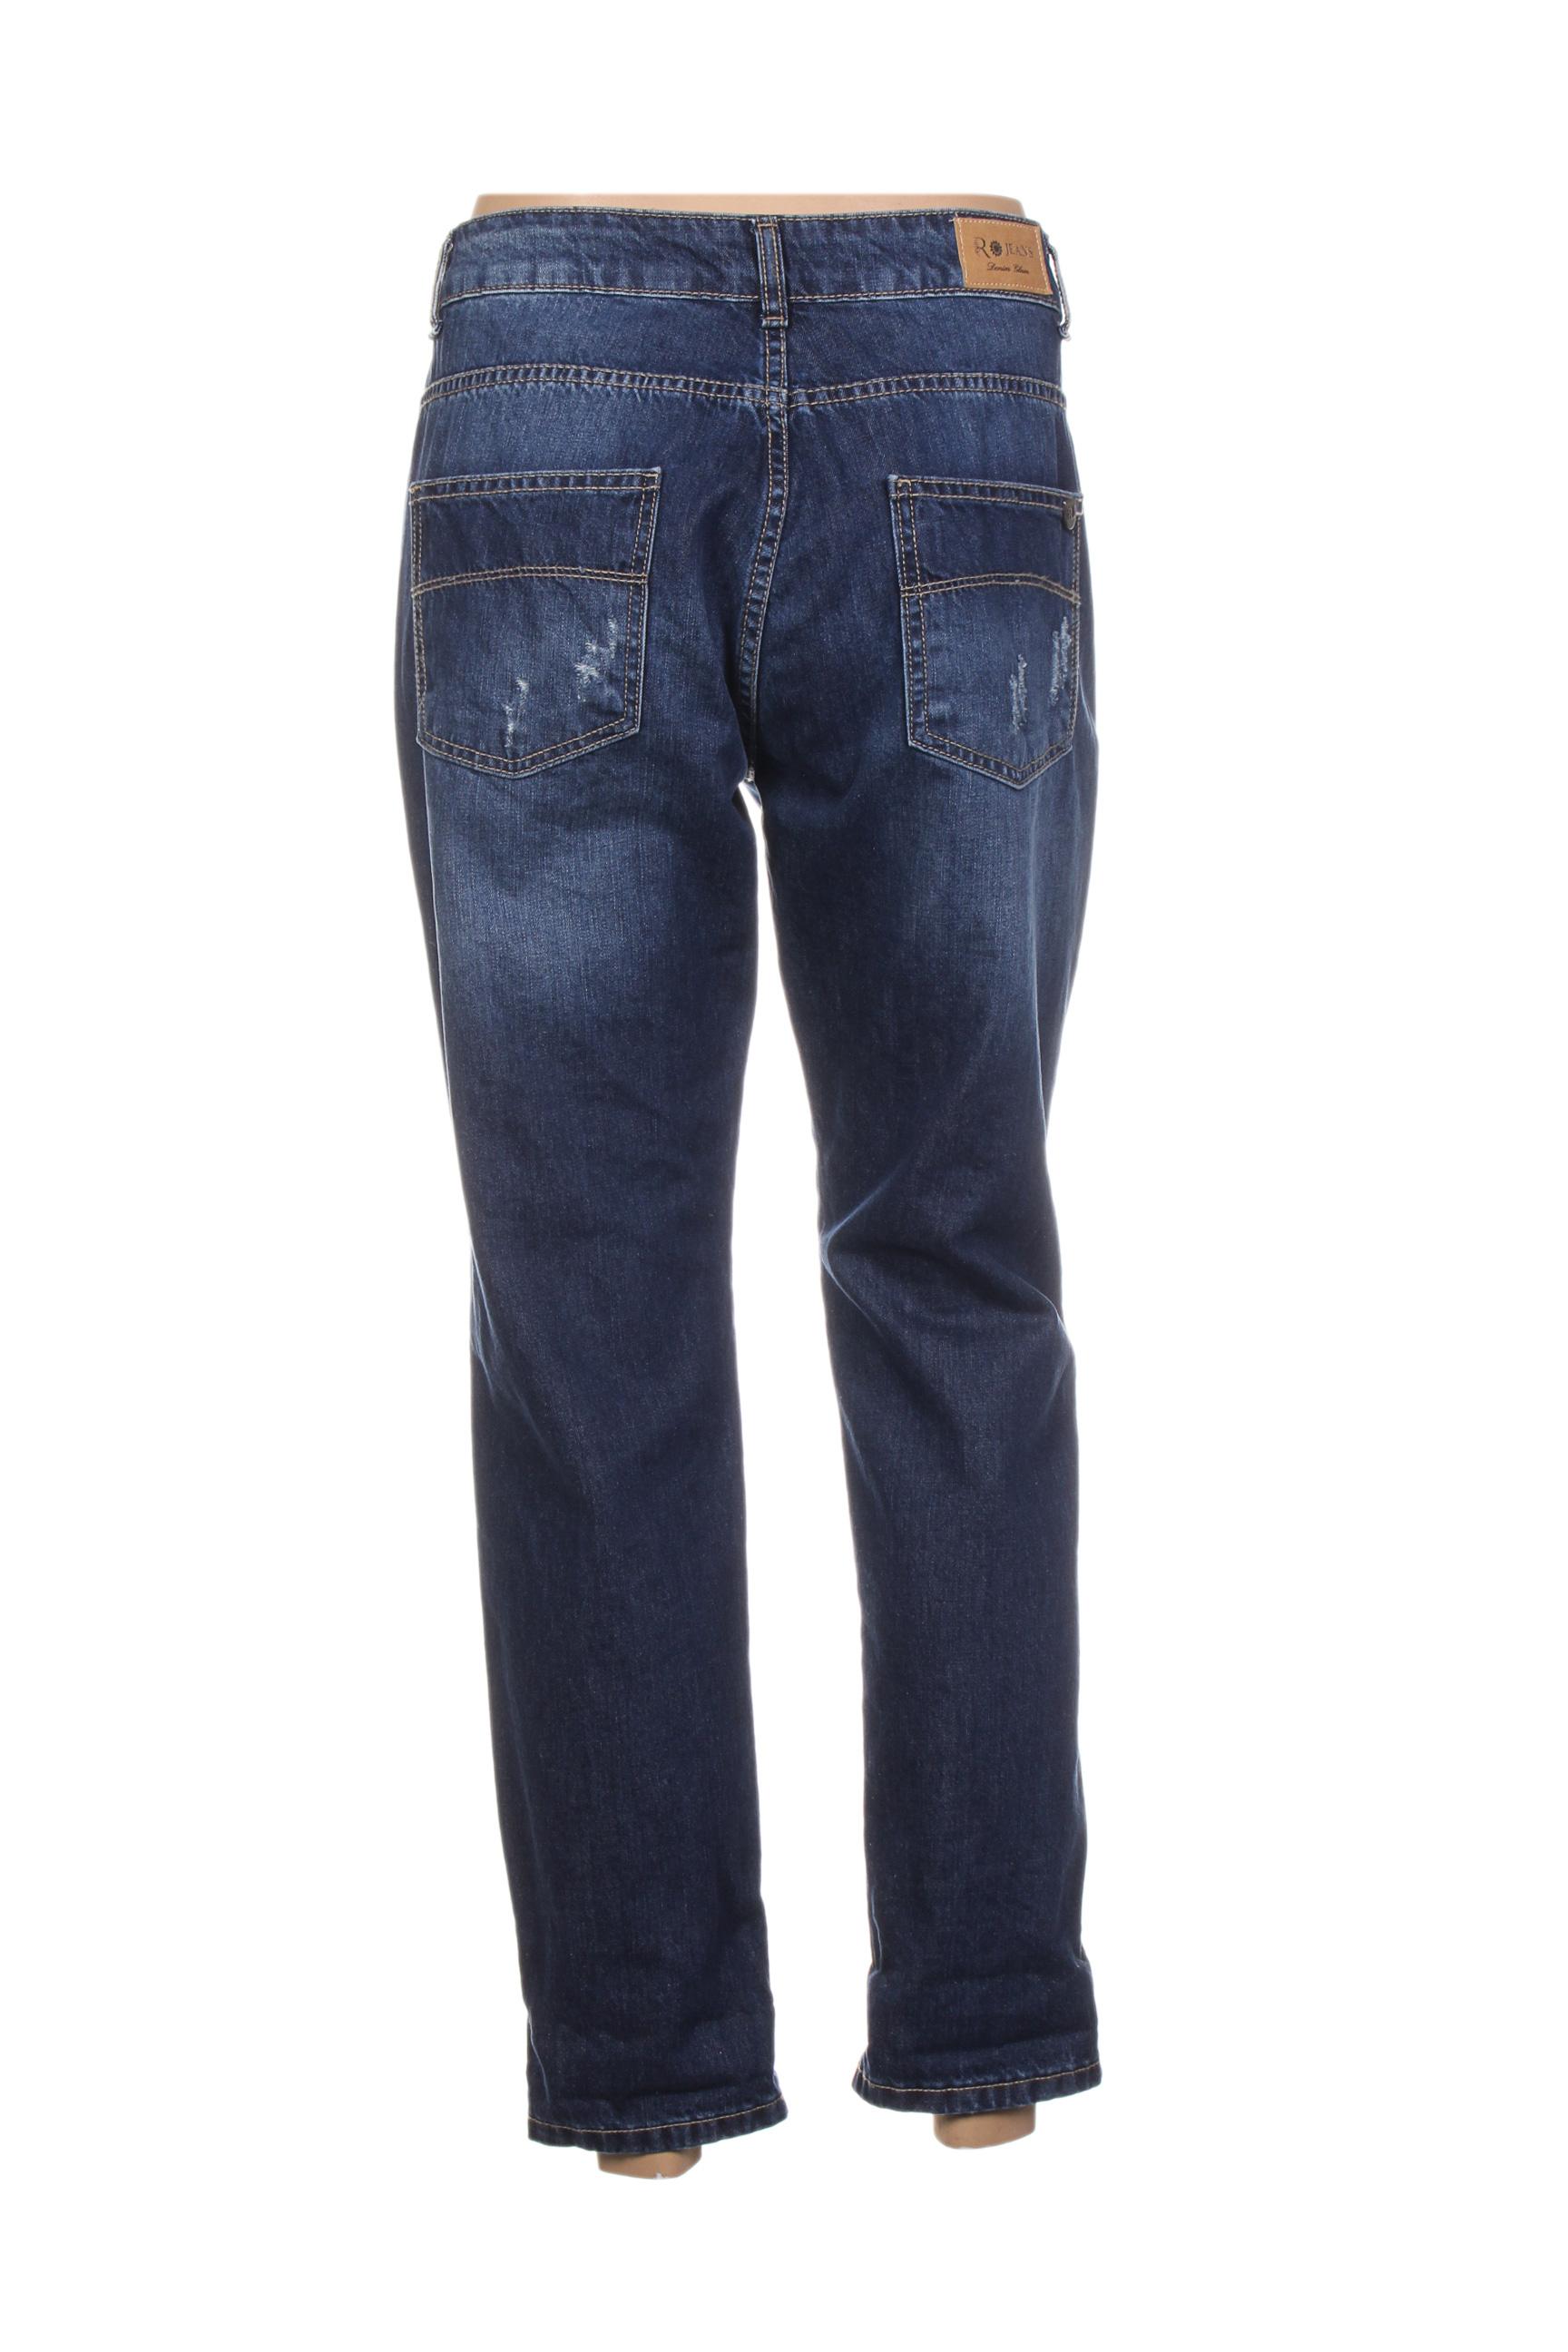 Rinascimento Jeans Coupe Droite Femme De Couleur Bleu En Soldes Pas Cher 1411006-bleu00